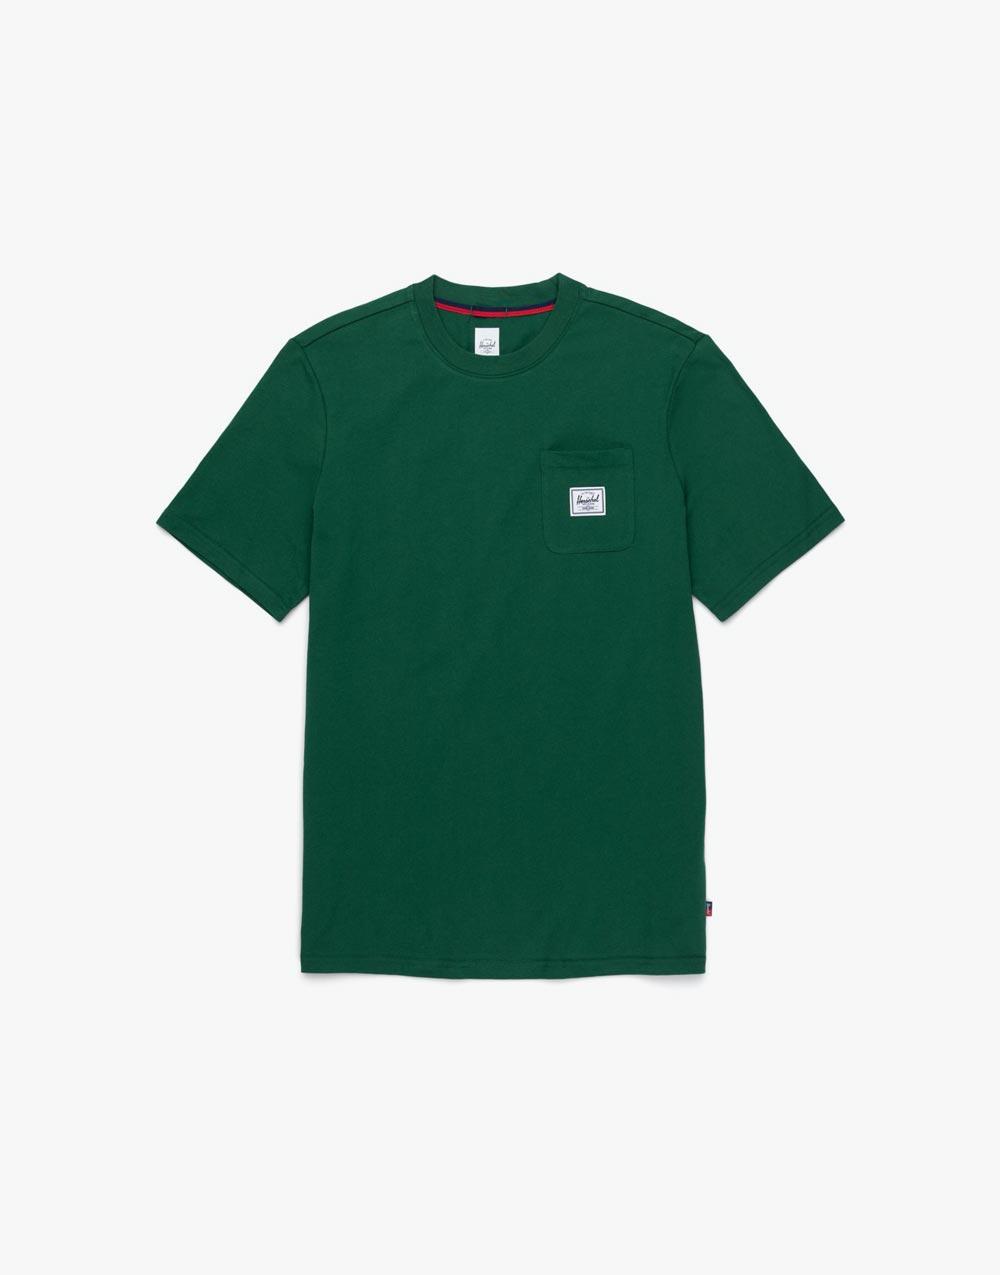 Green Pocket Tee